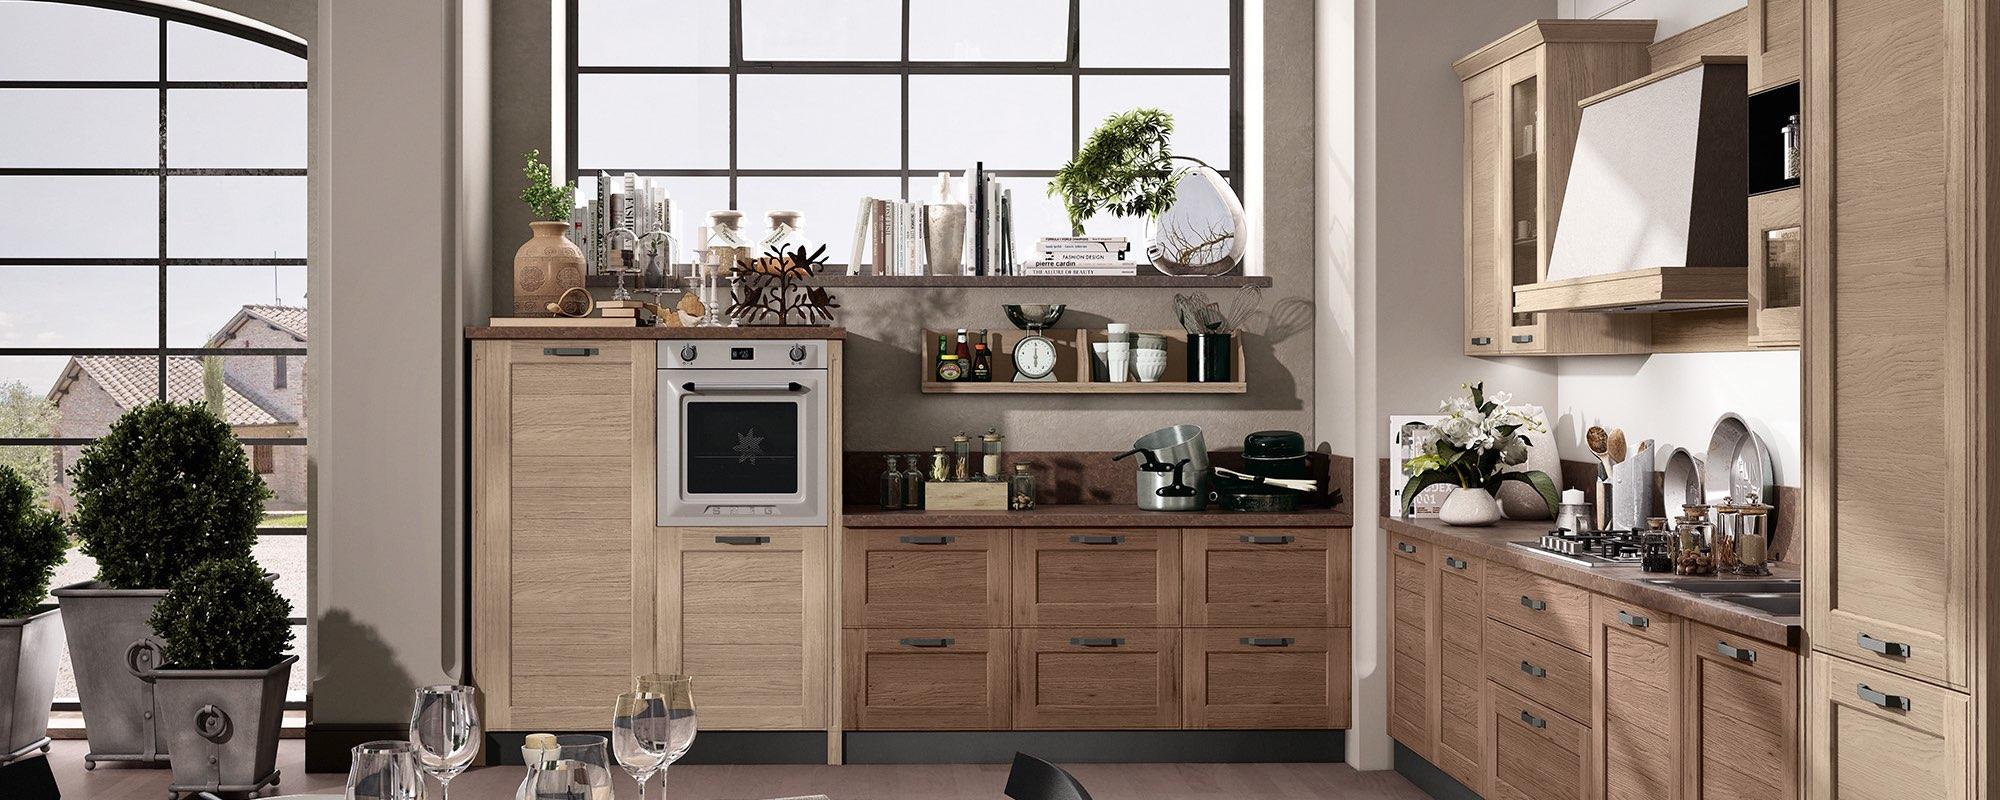 cucina moderna in quercia - YORK